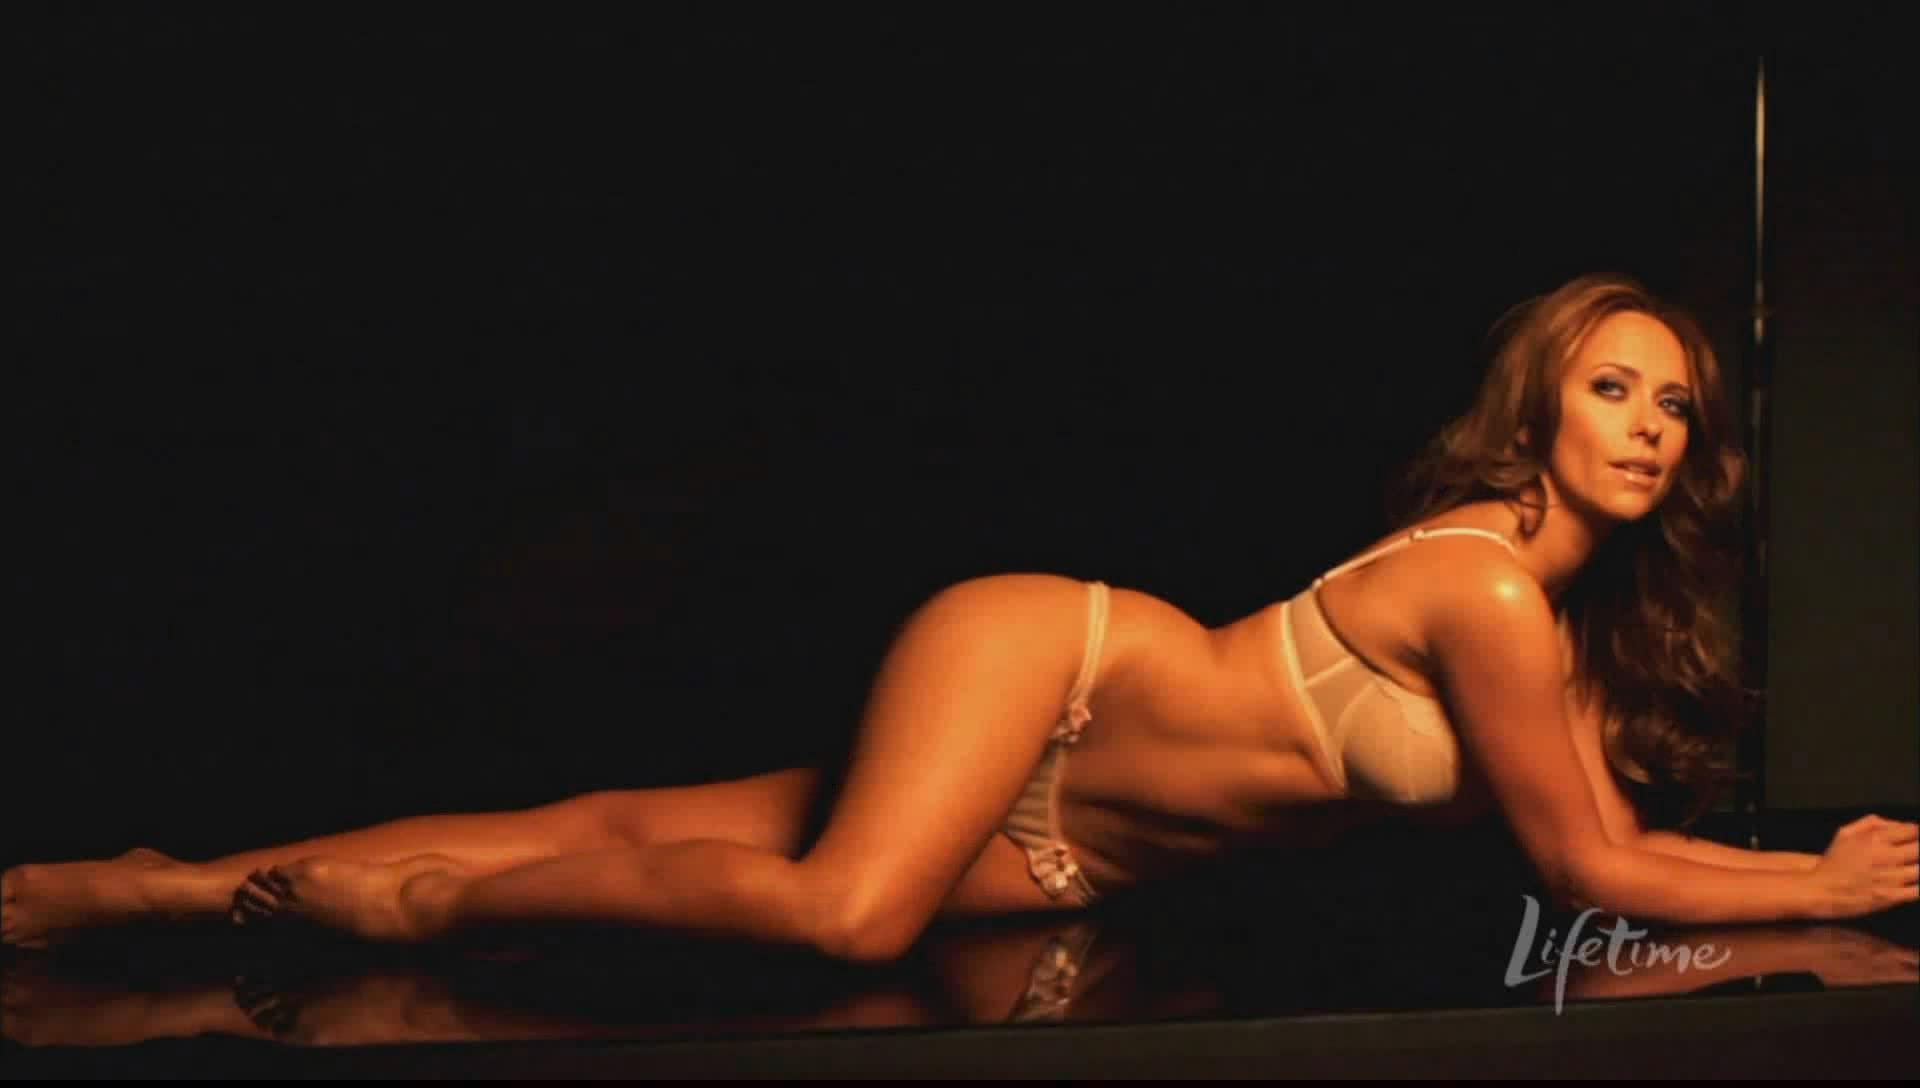 Jennifer Love Hewitt in lingerie for The Client List new ...